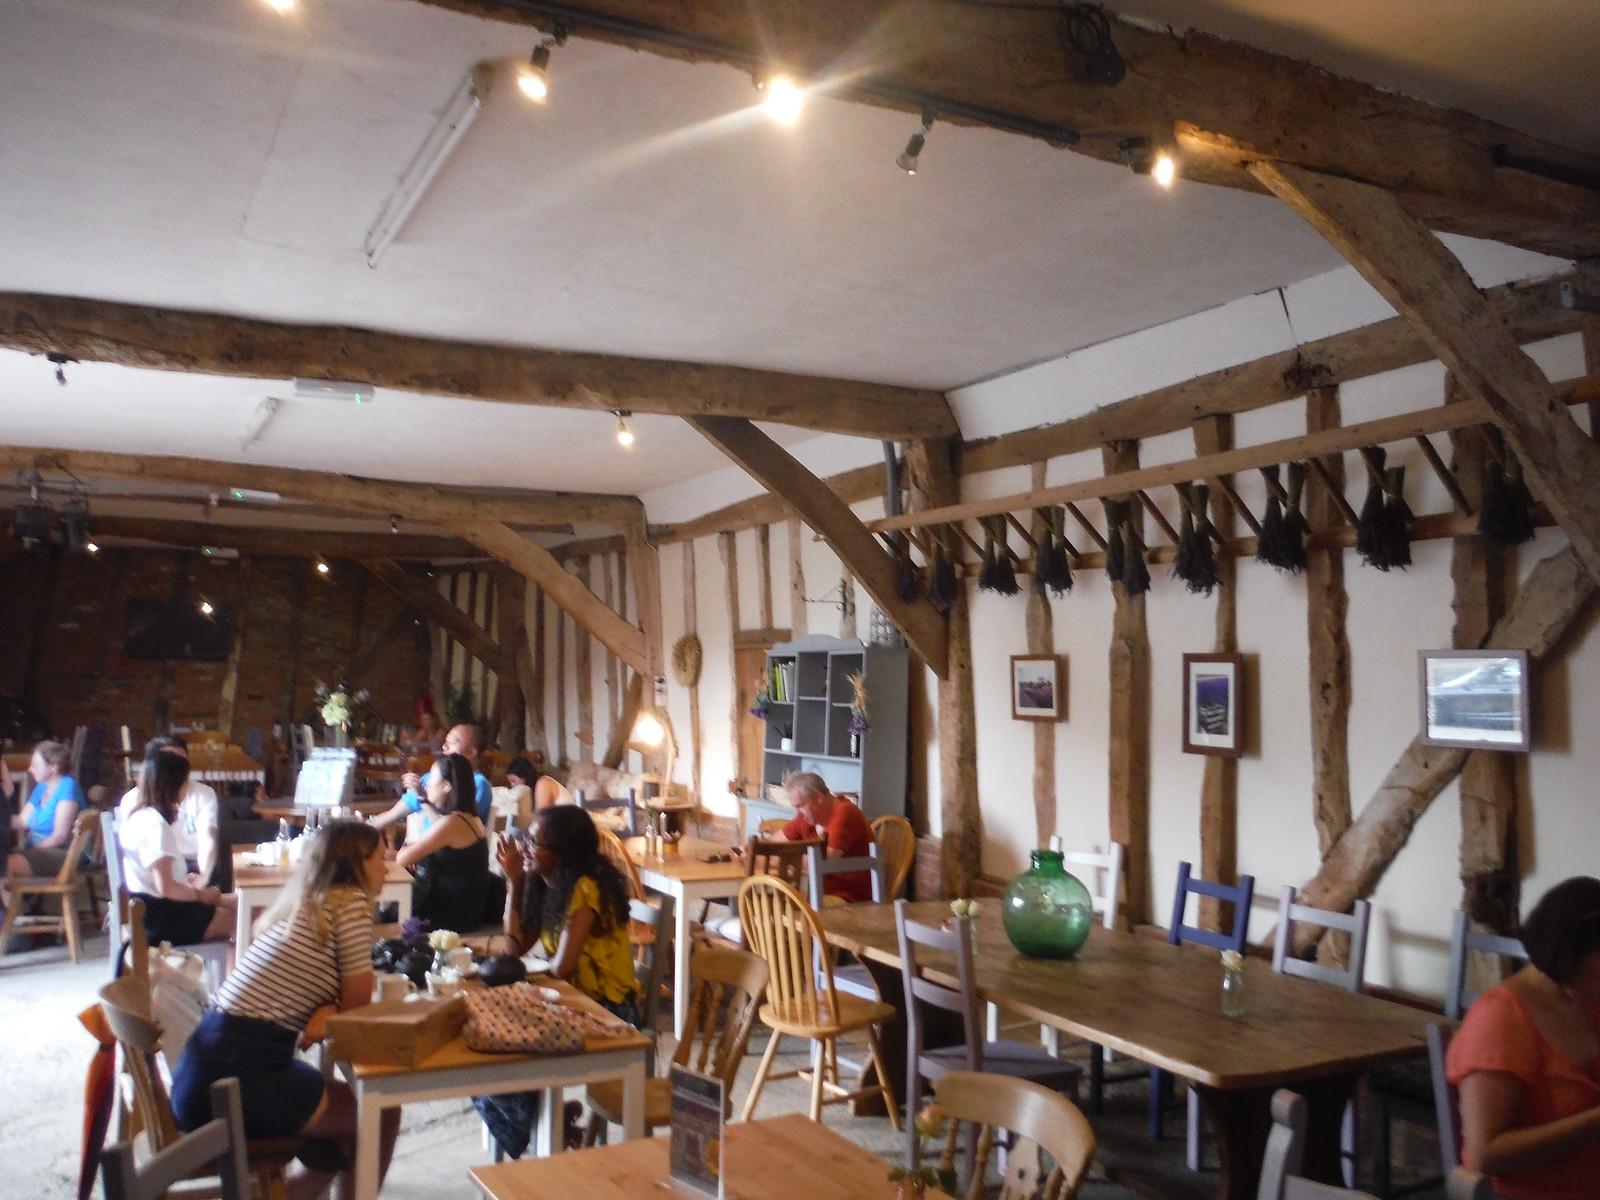 Barn Café at Hitchin Lavender (Cadwell Farm) SWC Walk 233 - Arlesey to Letchworth Garden City